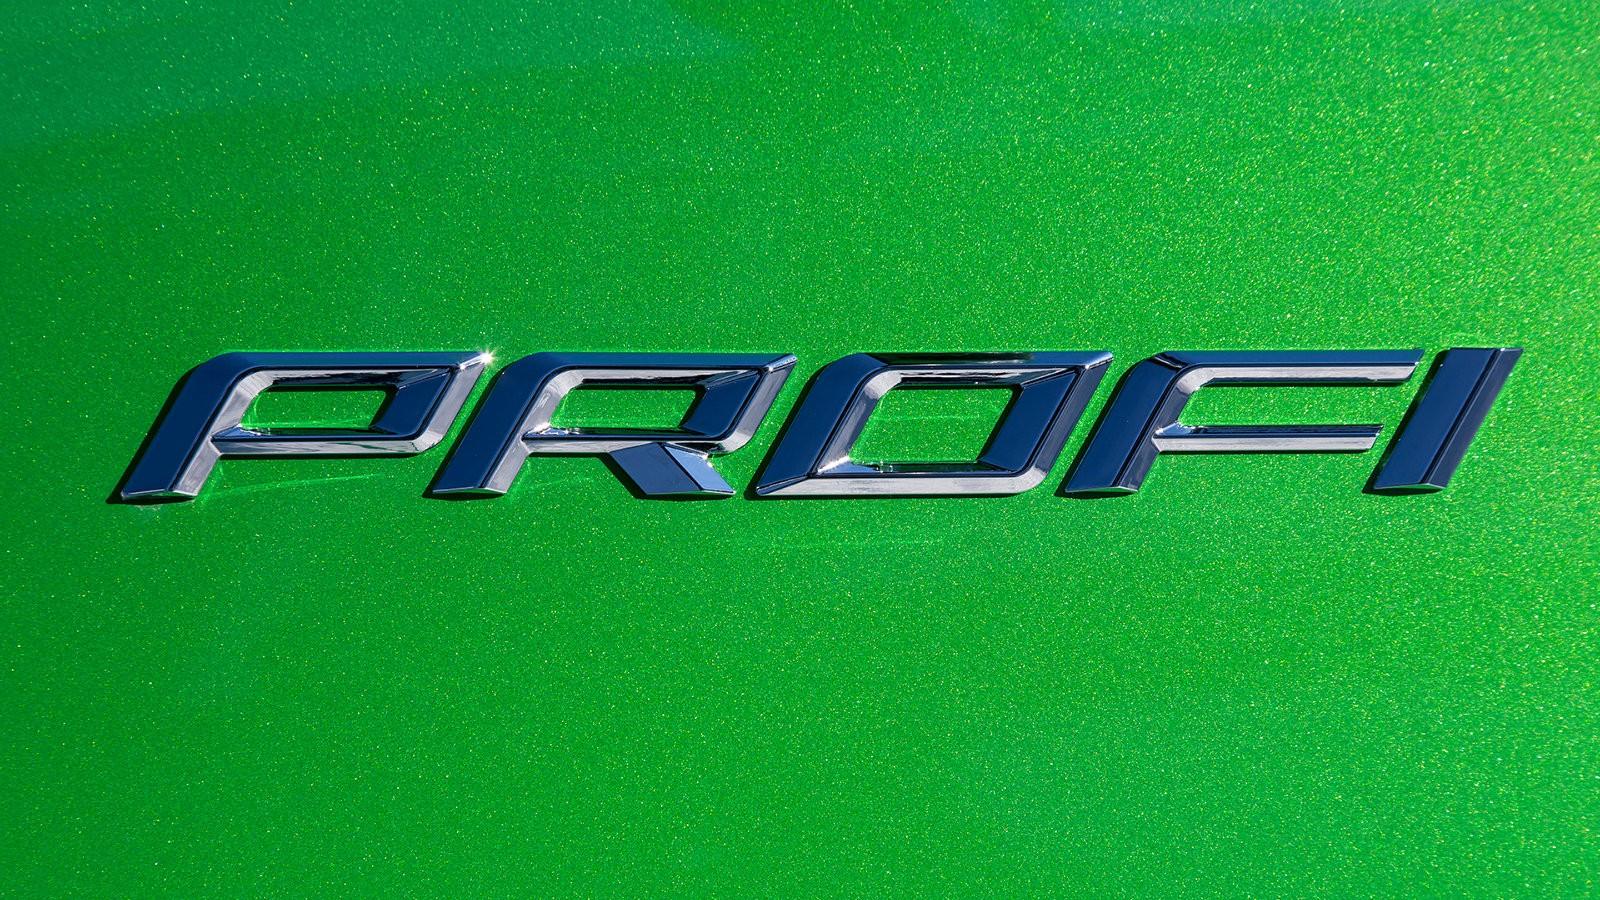 Profi_026